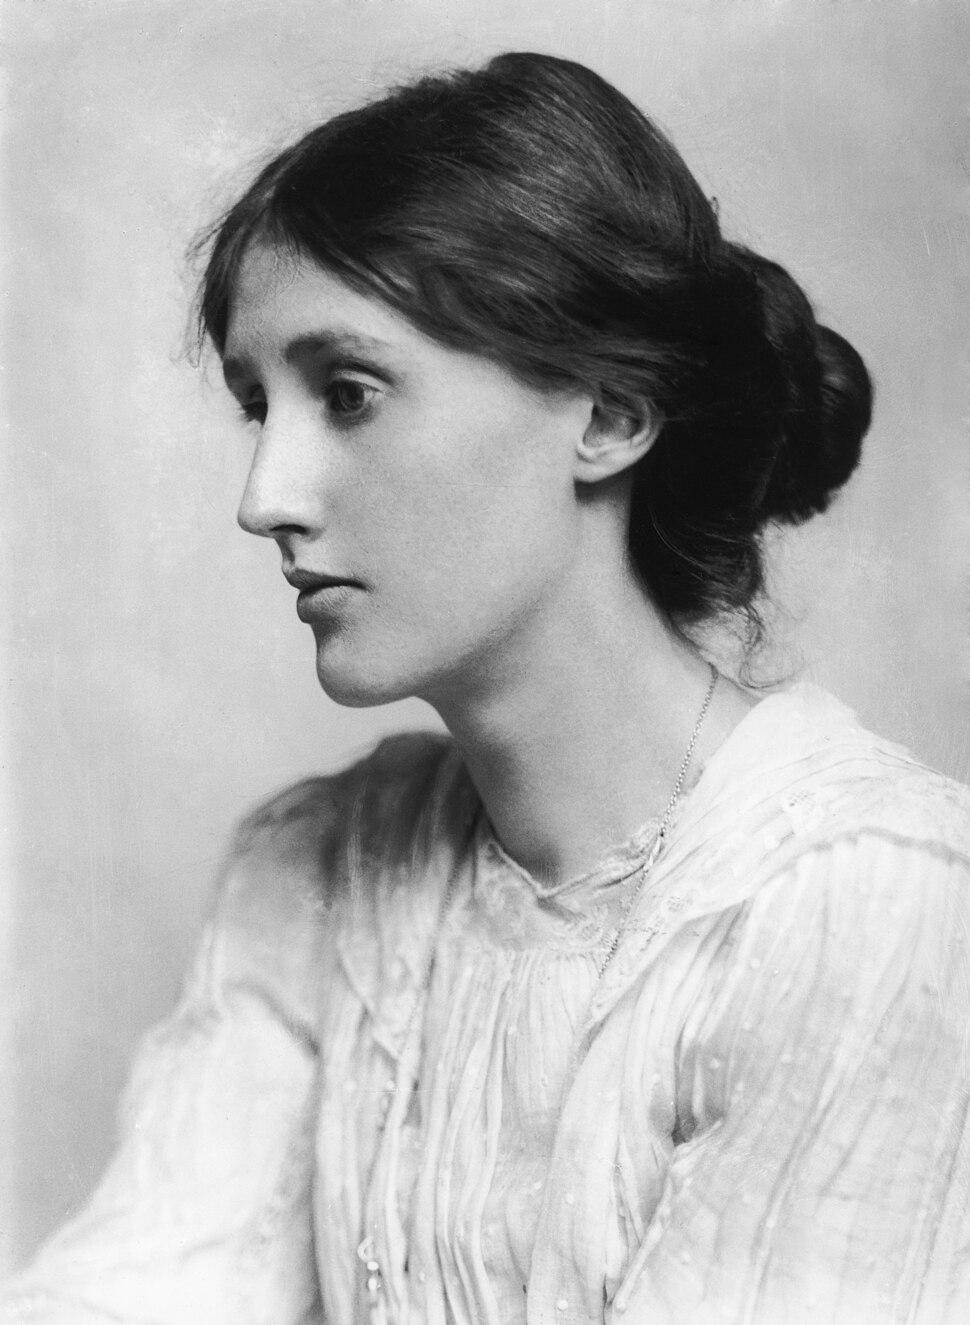 George Charles Beresford - Virginia Woolf in 1902